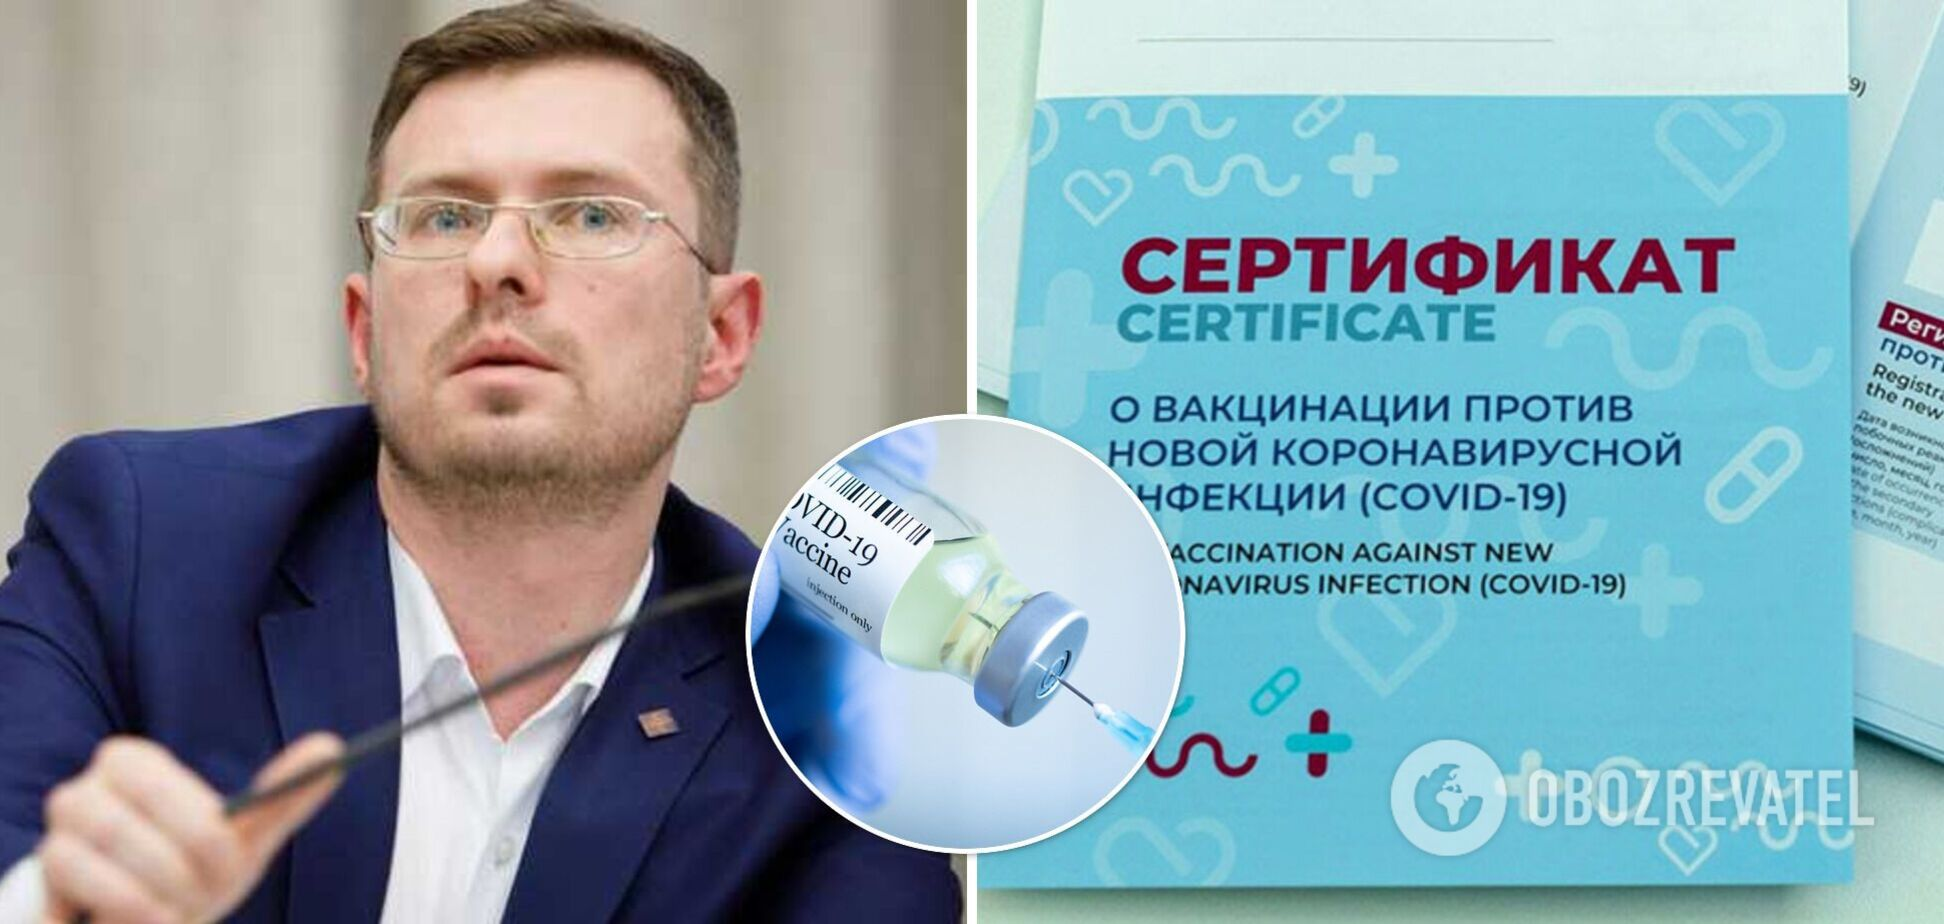 Кузин назвал срок действия 'зеленого' сертификата о вакцинации против COVID-19